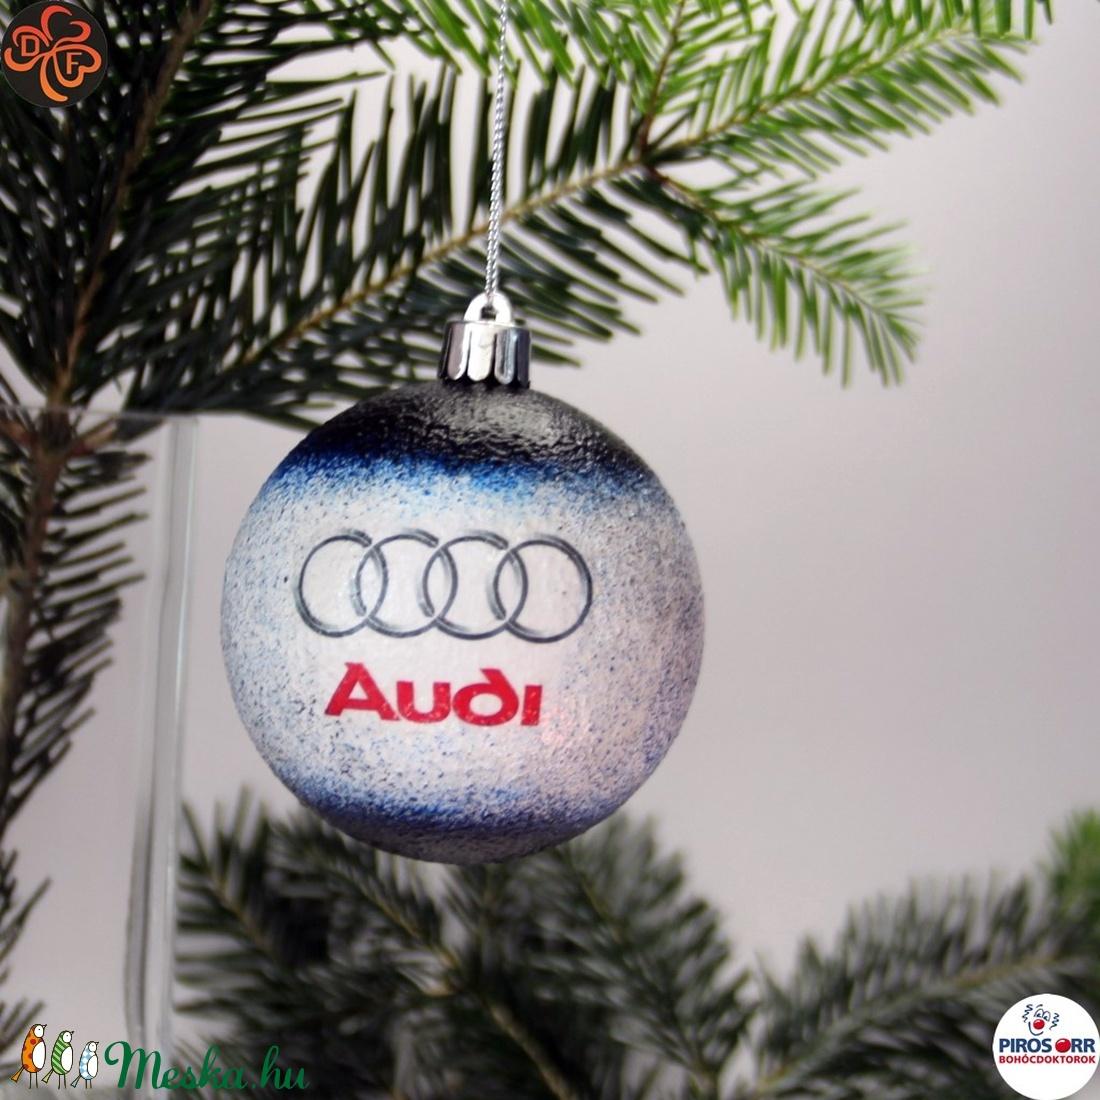 Audi karácsonyfadísz ajándék férj, barát, nagyapa, audi autósnak (decorfantasy) - Meska.hu